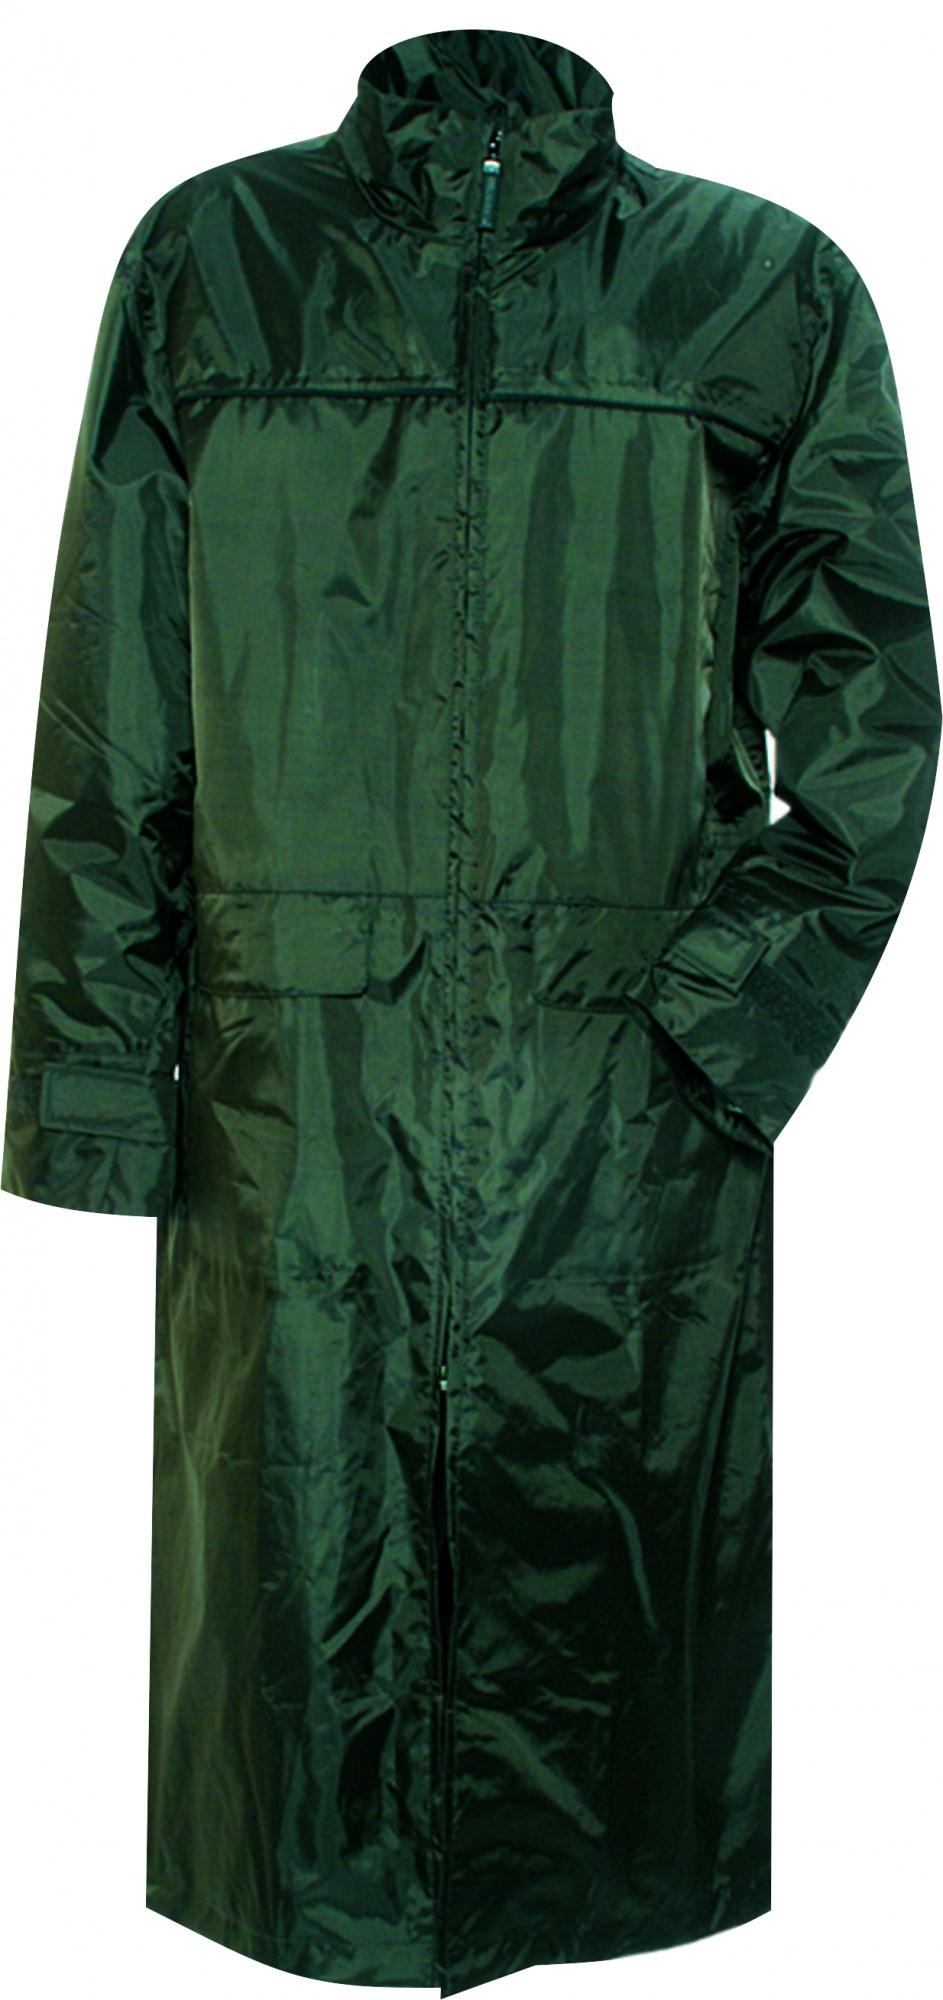 pretty cheap super specials attractive style raincoat Ancona ladies dark green